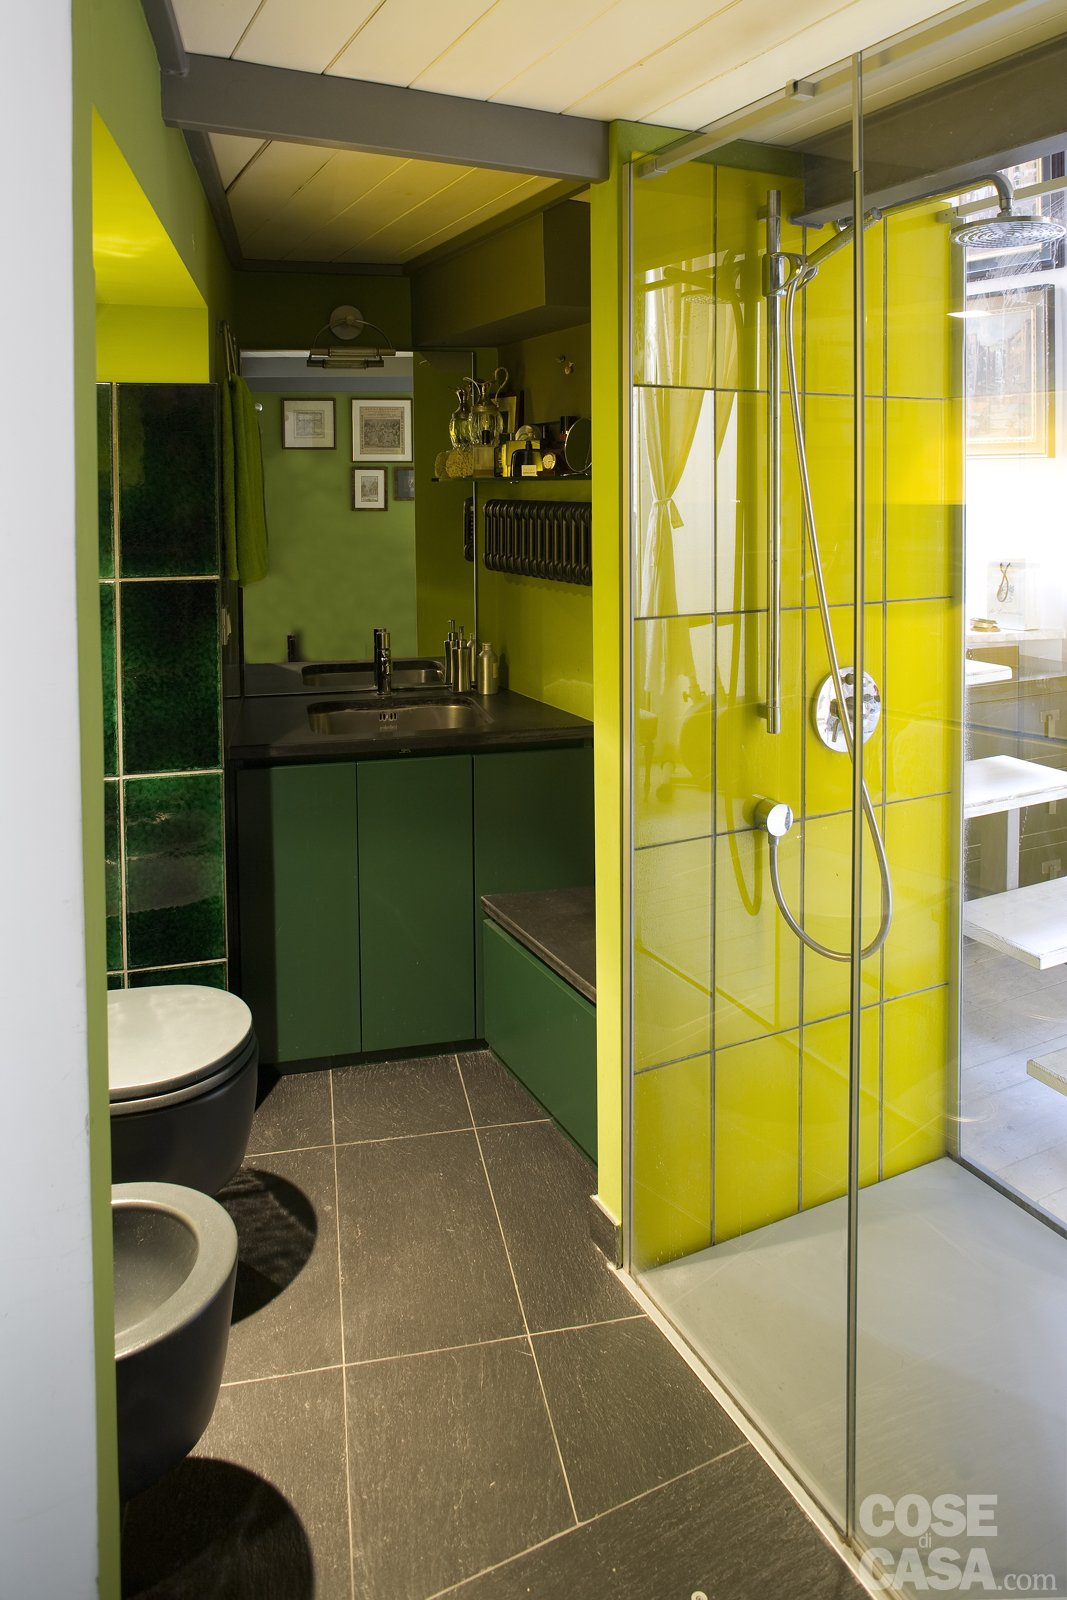 Casa piccola 43 mq soppalco per studio e cabina armadio cose di casa - Interno cabina armadio ...